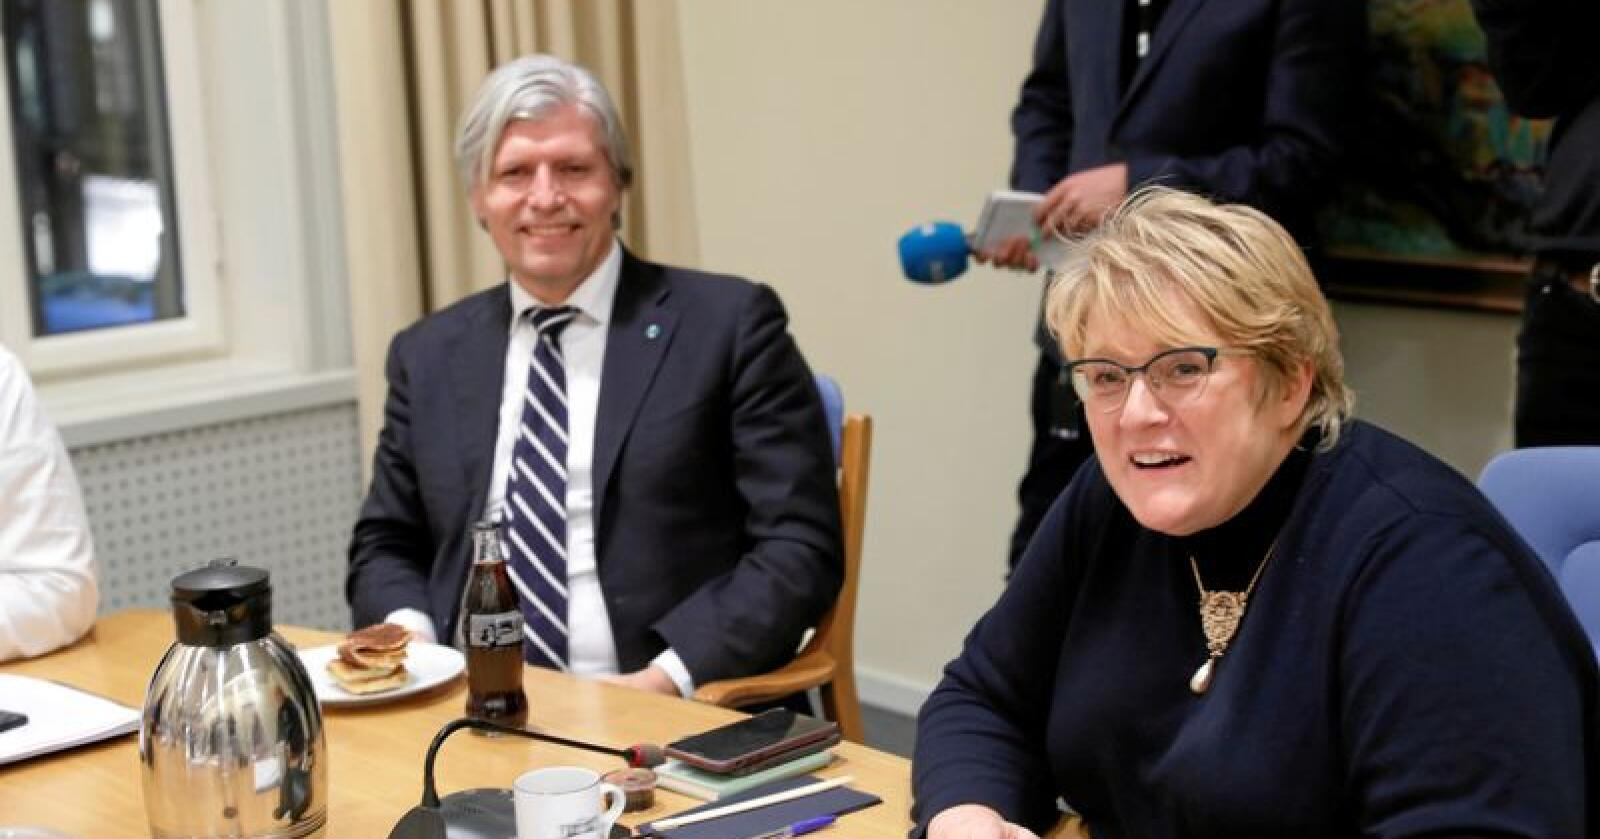 Får kritikk: Venstres nestleder Ola Elvestuen og leder Trine Skei Grande. Foto: Terje Bendiksby / NTB Scanpix